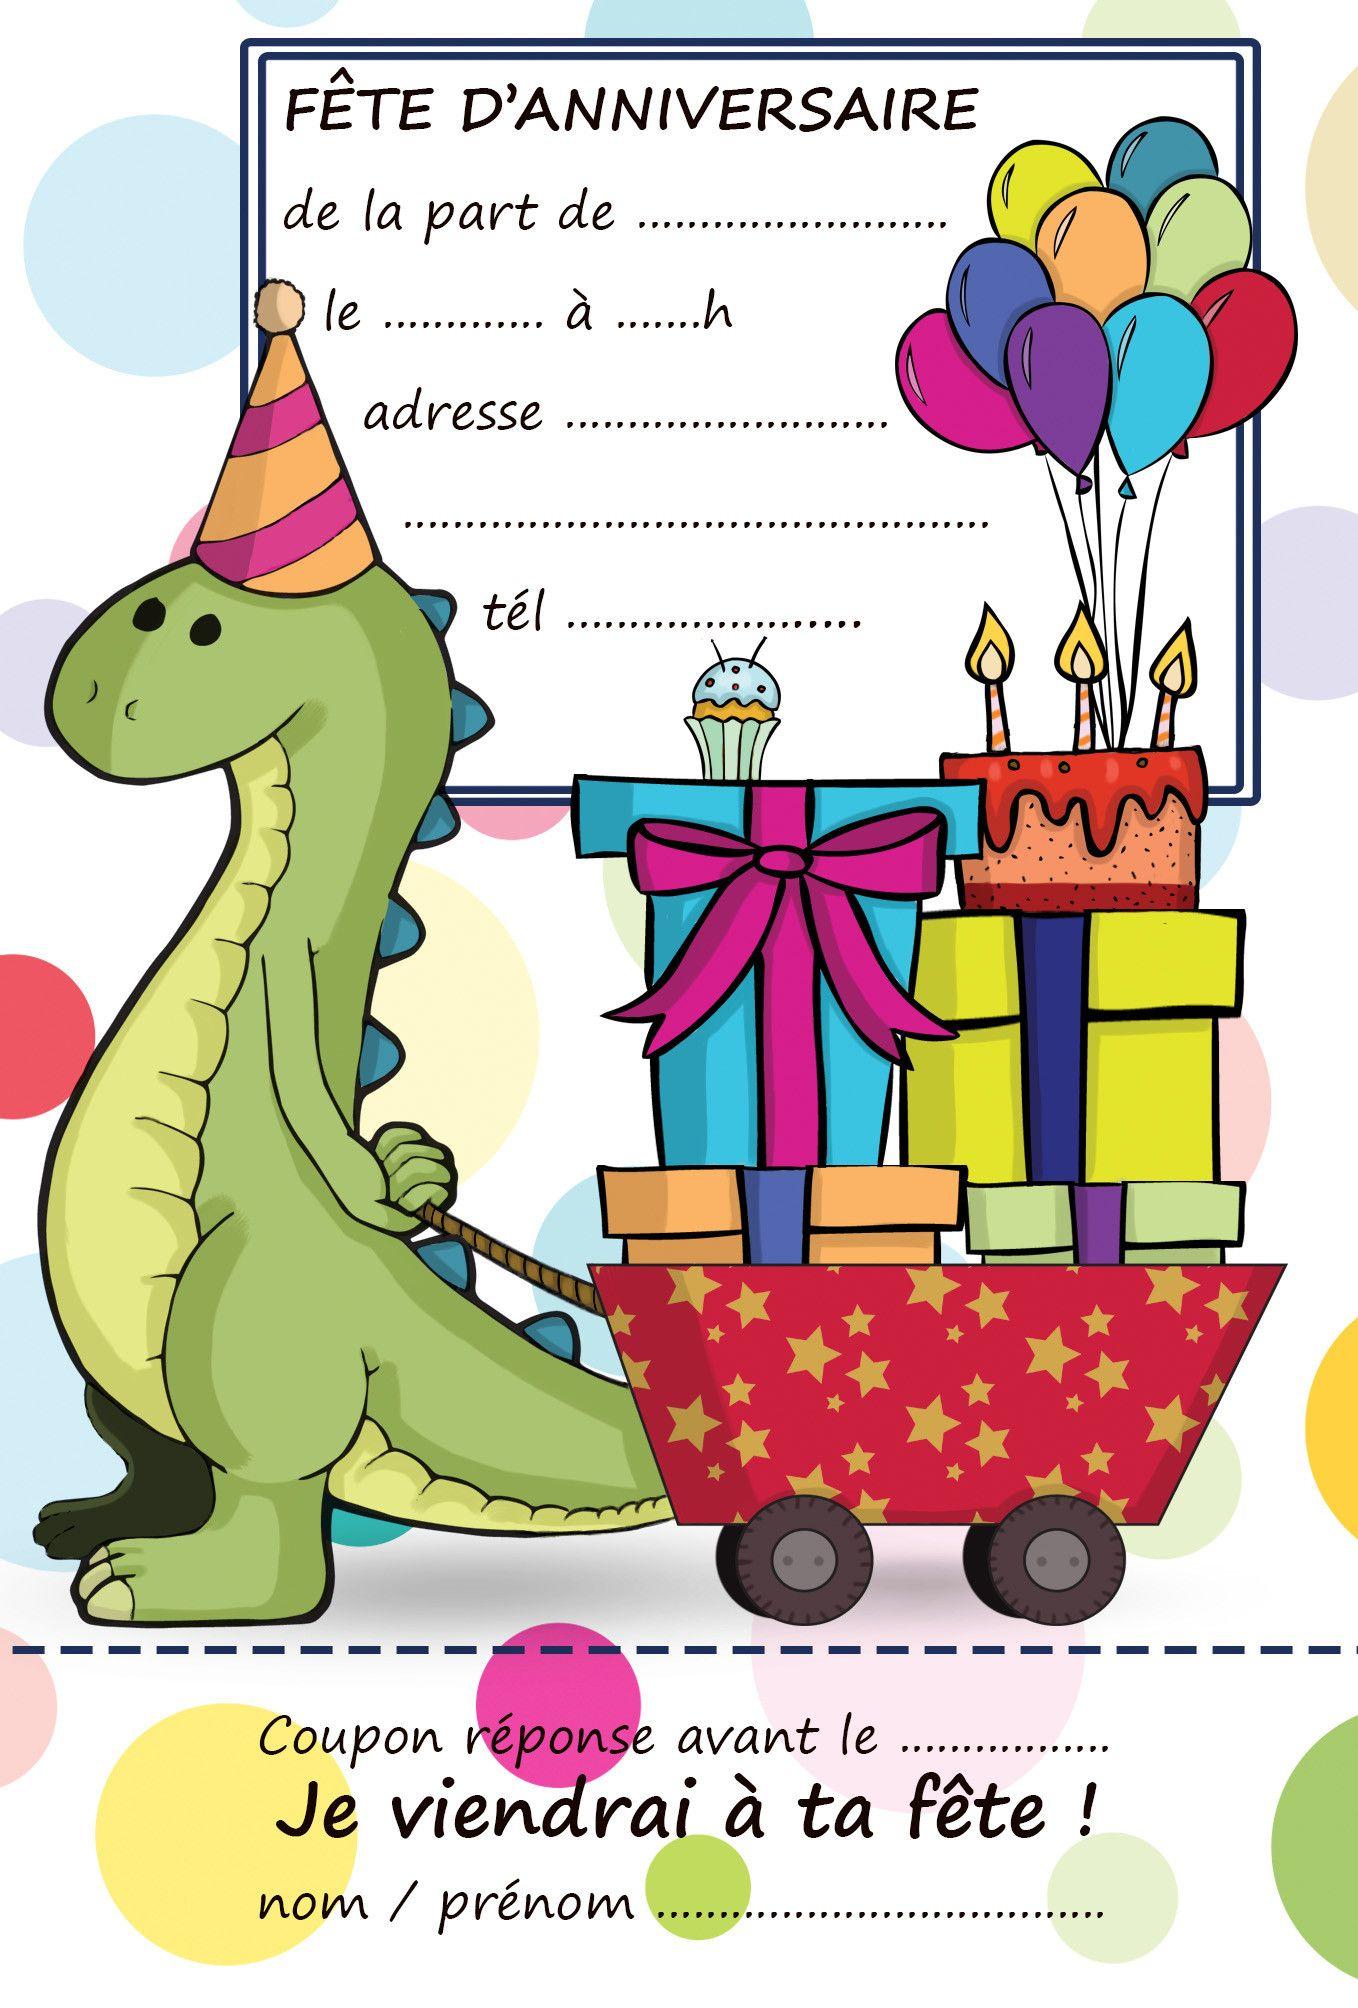 Carte D Anniversaire A Imprimer Dinosaure Beautiful Invitation Annivers Anniversaire Dinosaure Carte Anniversaire A Imprimer Invitation Anniversaire A Imprimer